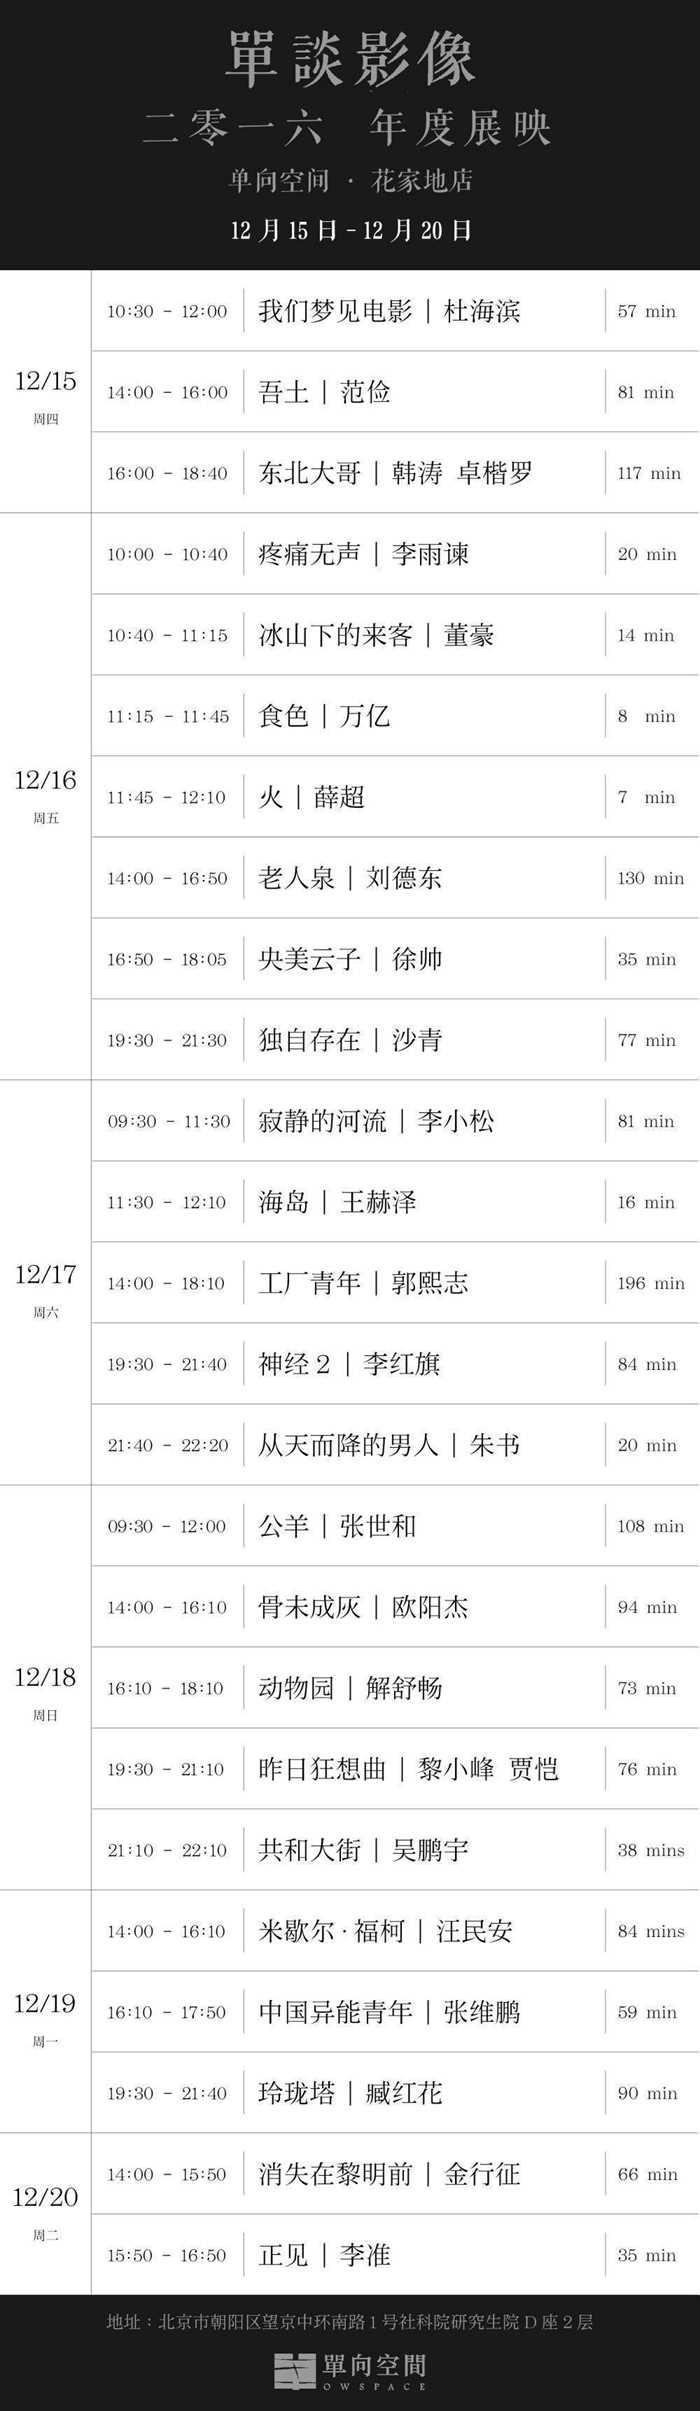 影展排片表.png